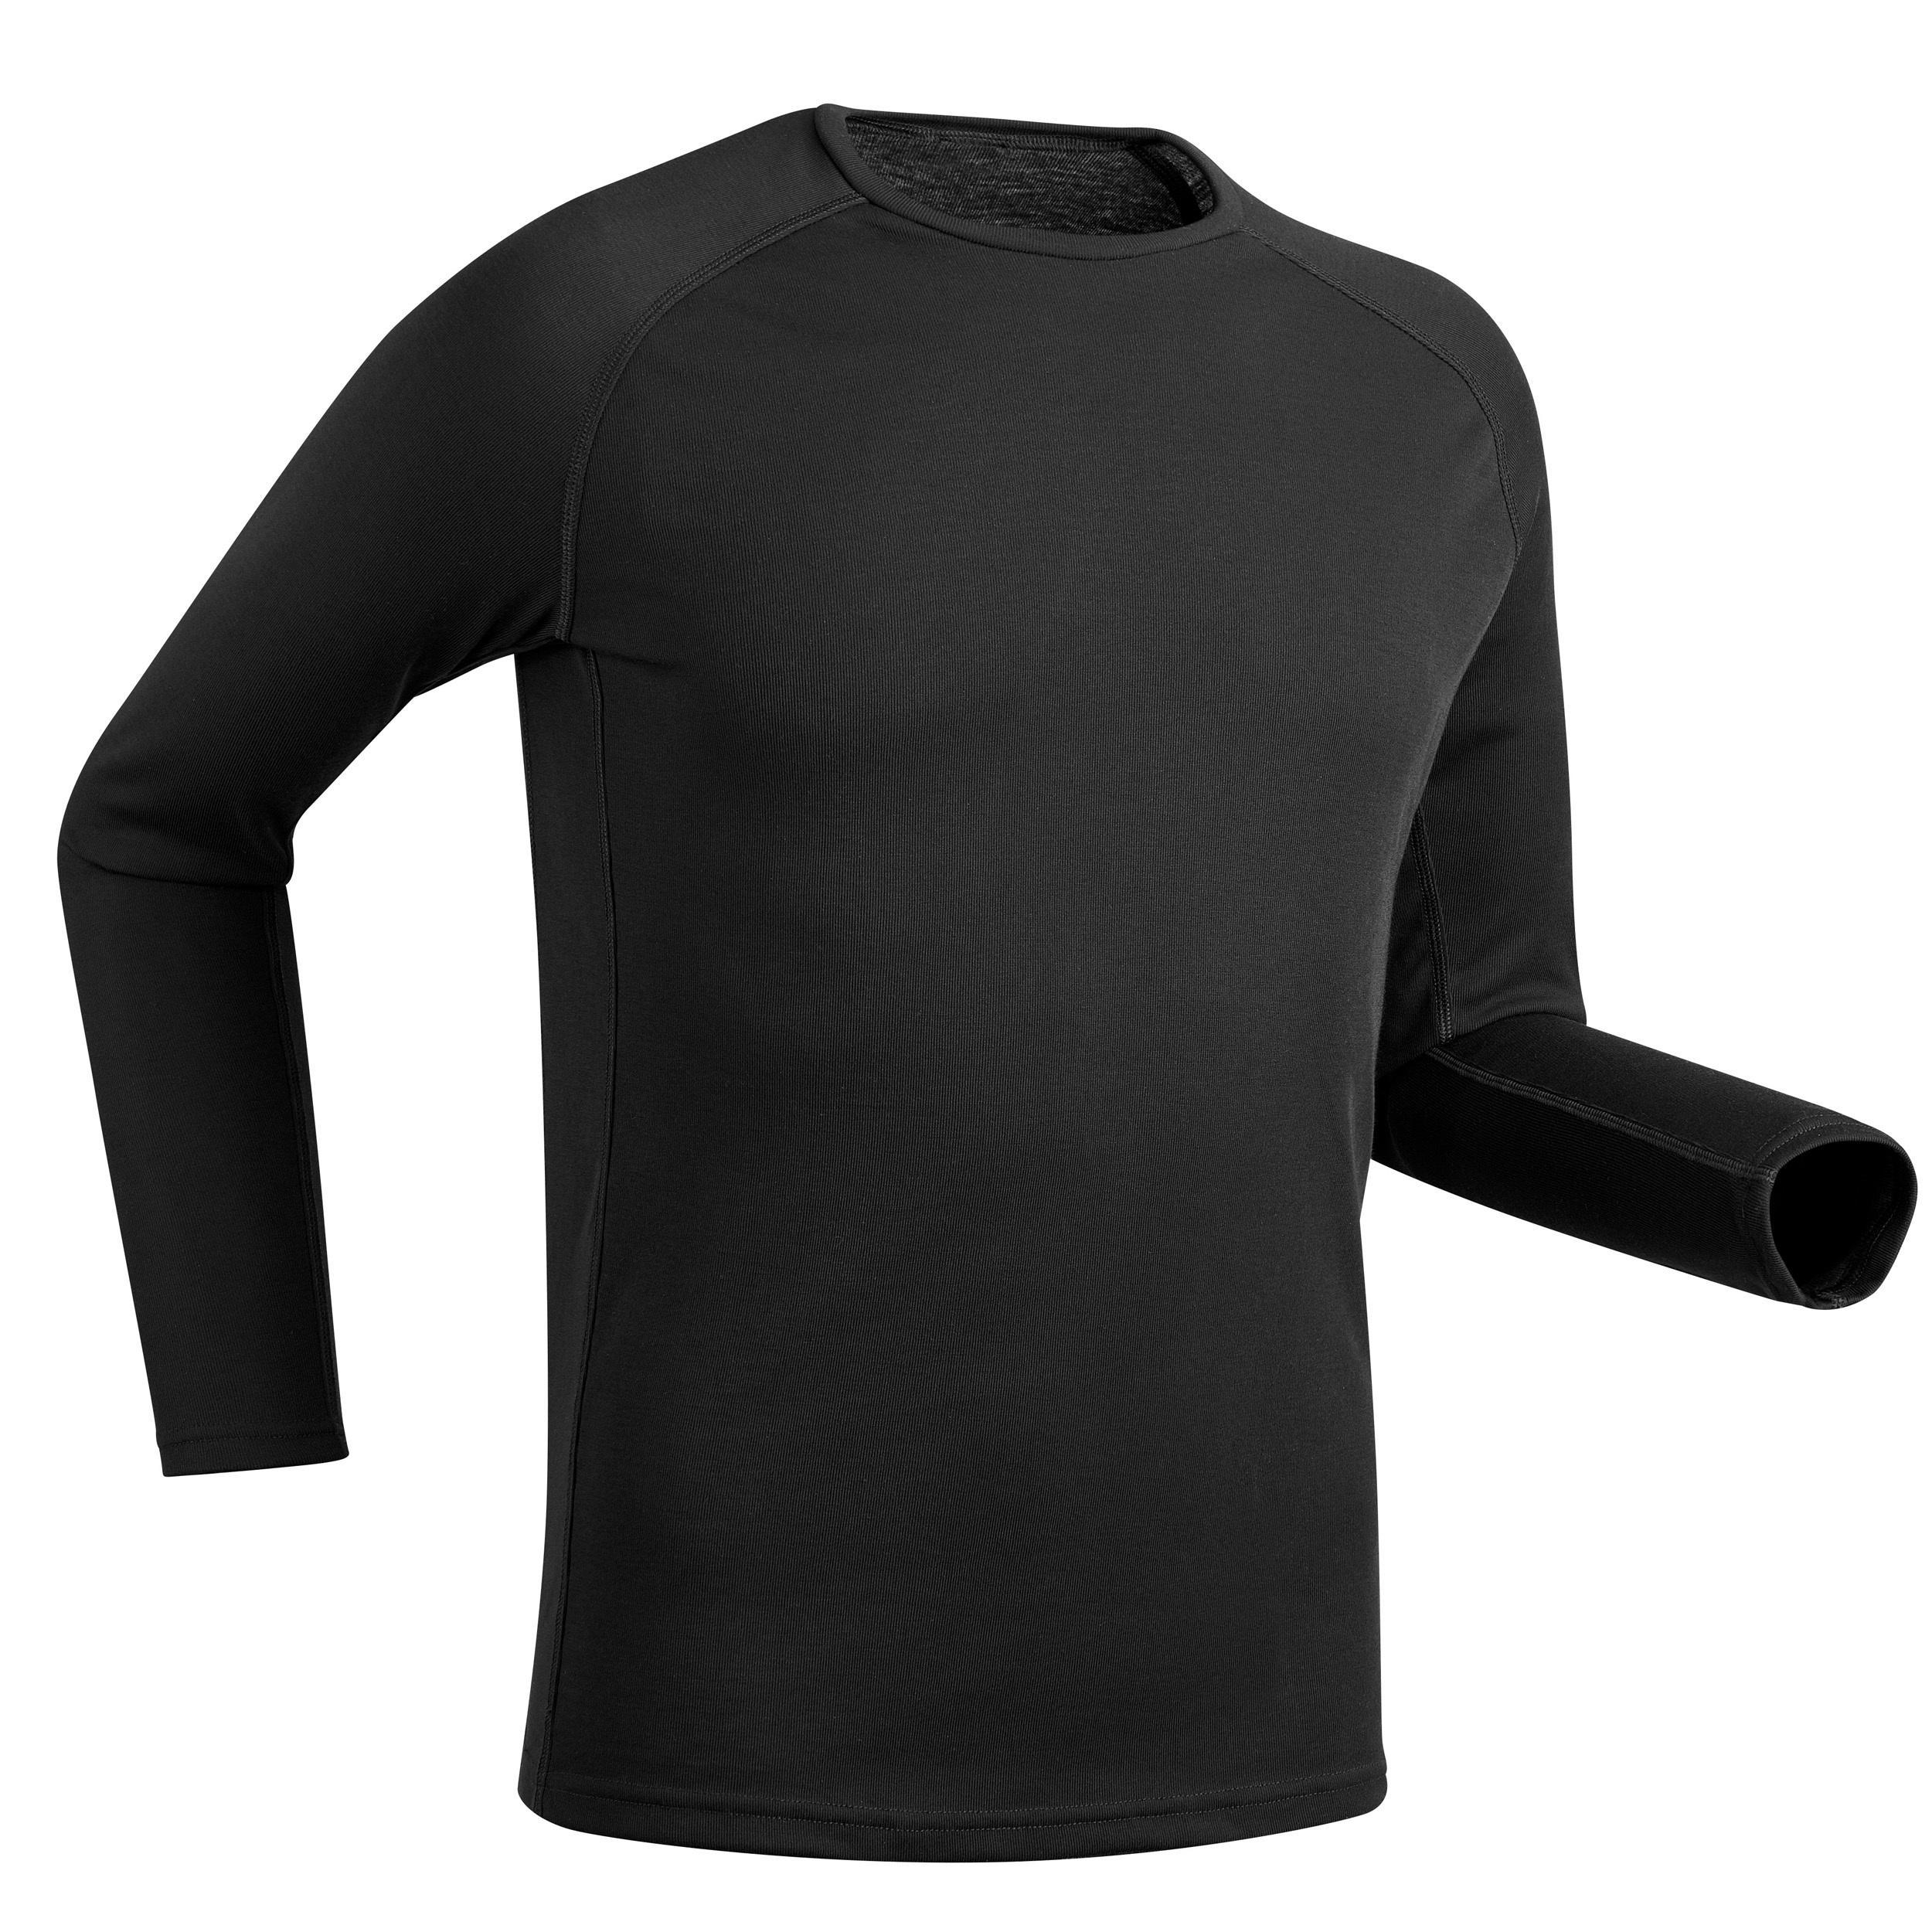 30895f714ff2 Comprar Camisetas de Deportivas y Técnicas para Hombre | Decathlon